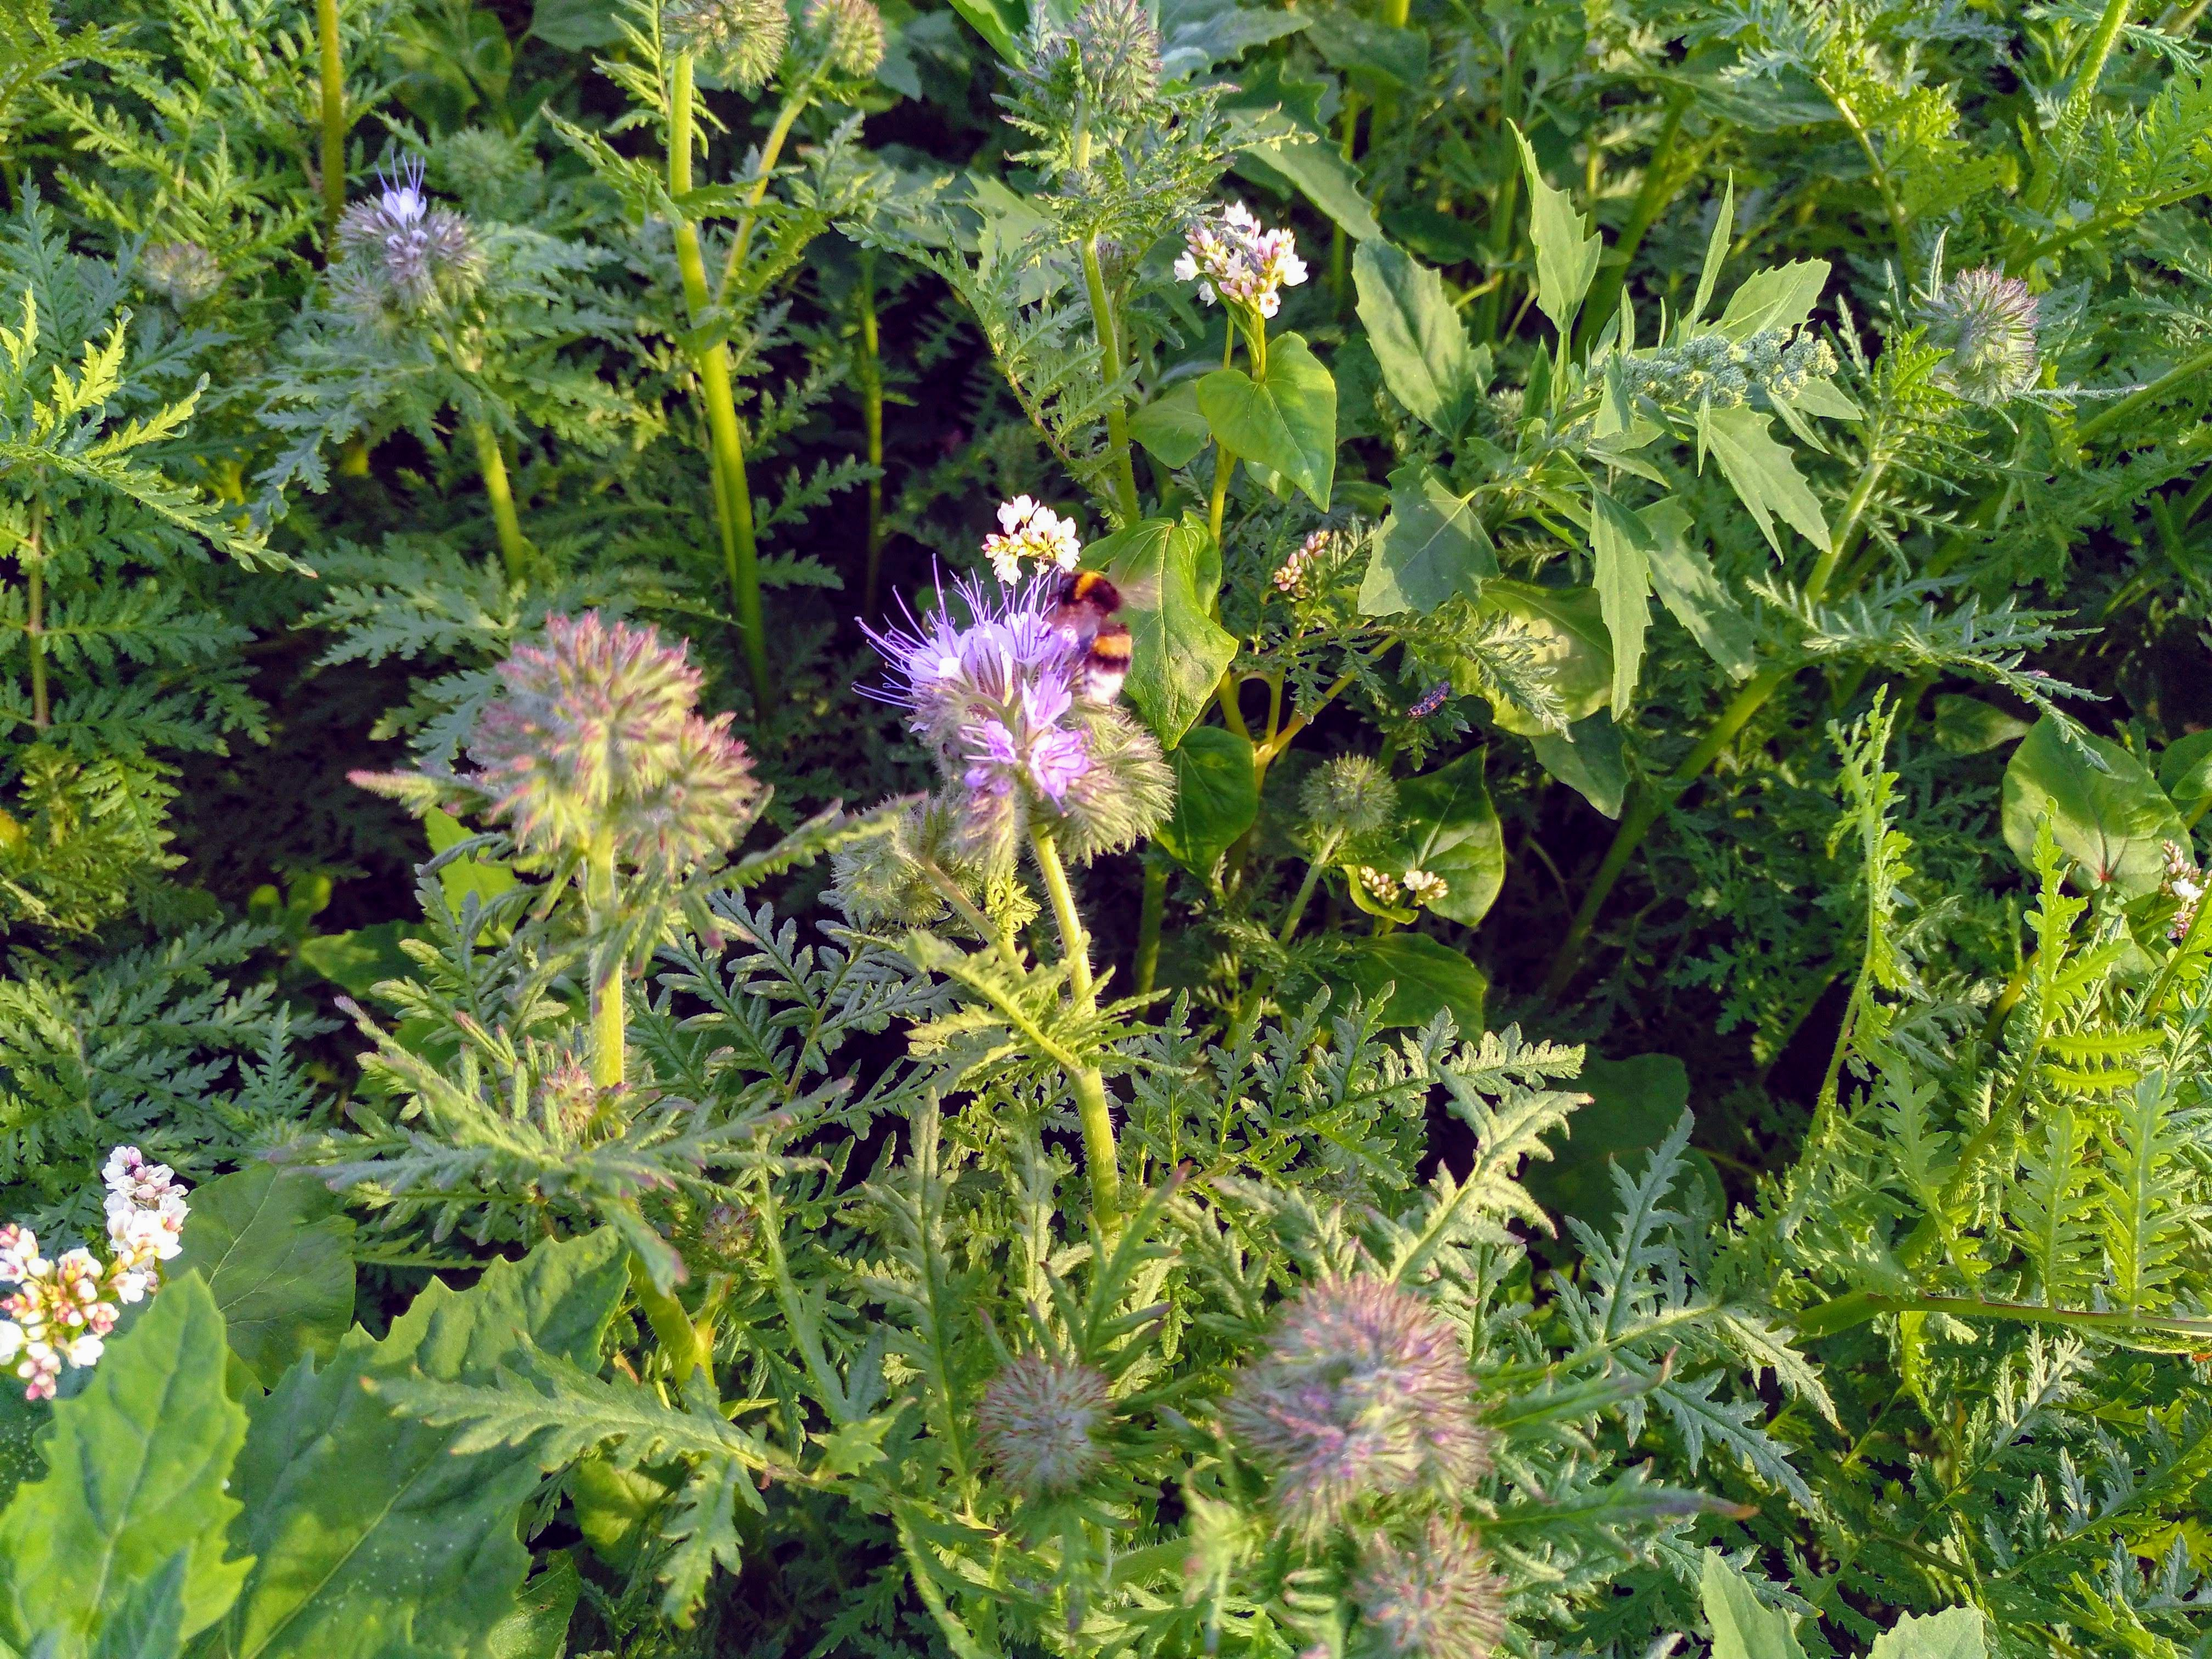 """Büschelblume (phacelia) mit Hummel - fotografiert am 14.06.2019   auf der einjährigen Fläche  """"Brache mit Honigpflanzen"""" (L. Stroethmann)   des BienenBuffet"""